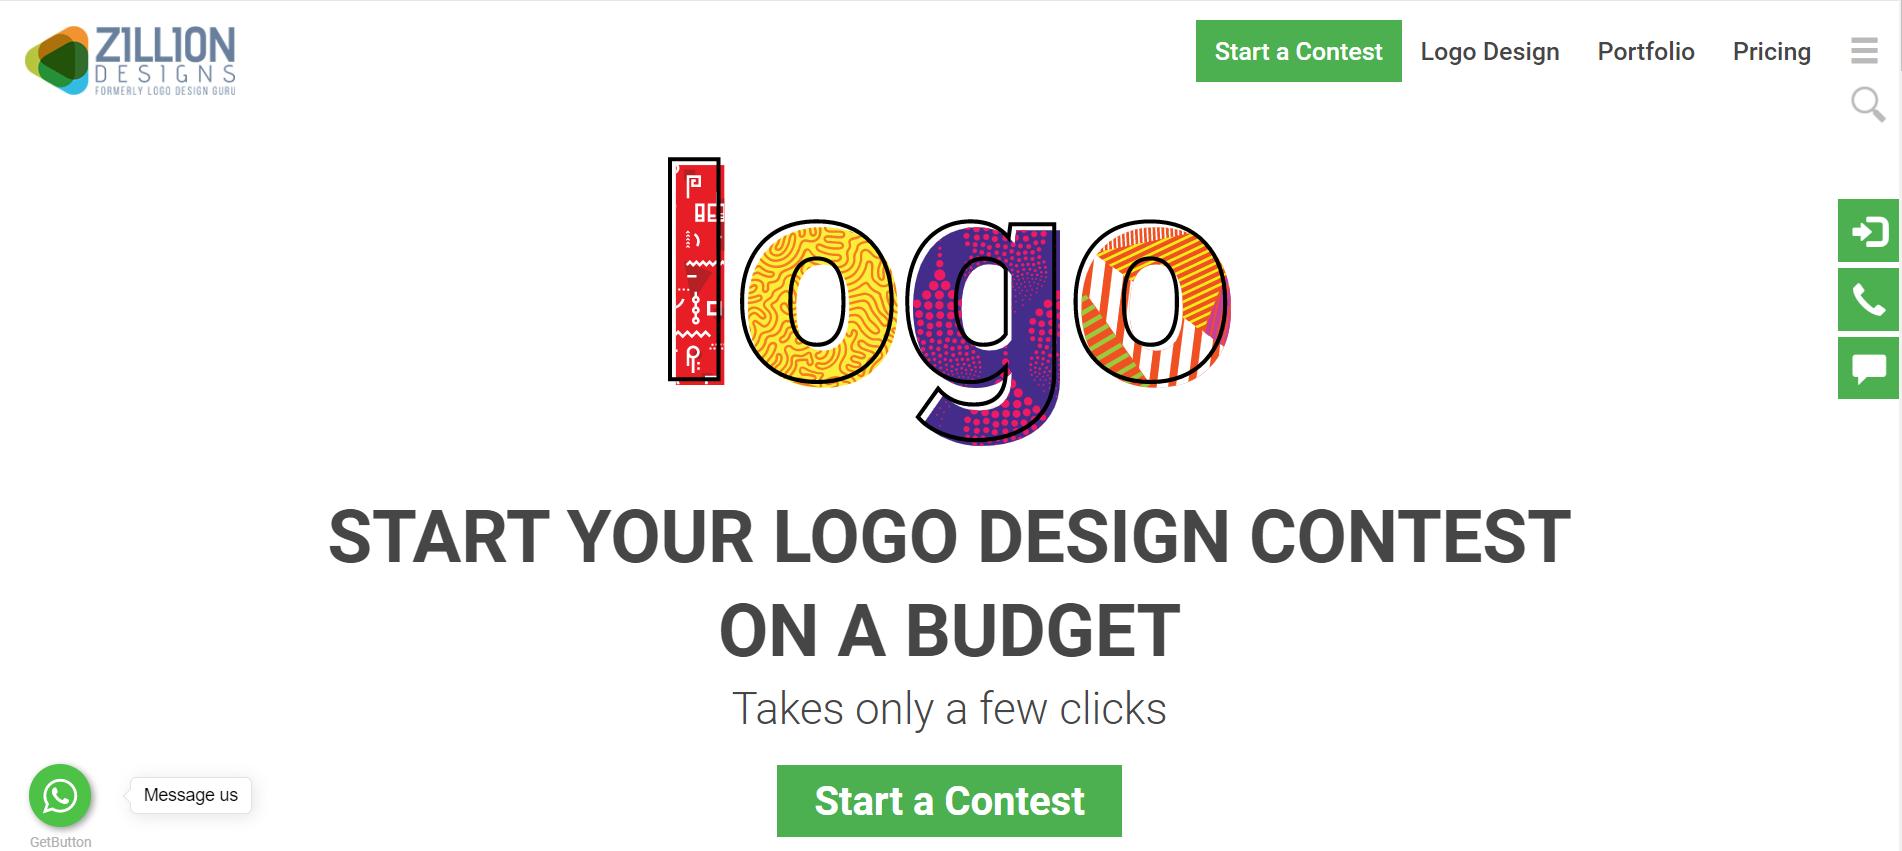 cong-cu-thiet-ke-logo-truc-tuyen-Zillion-Designs